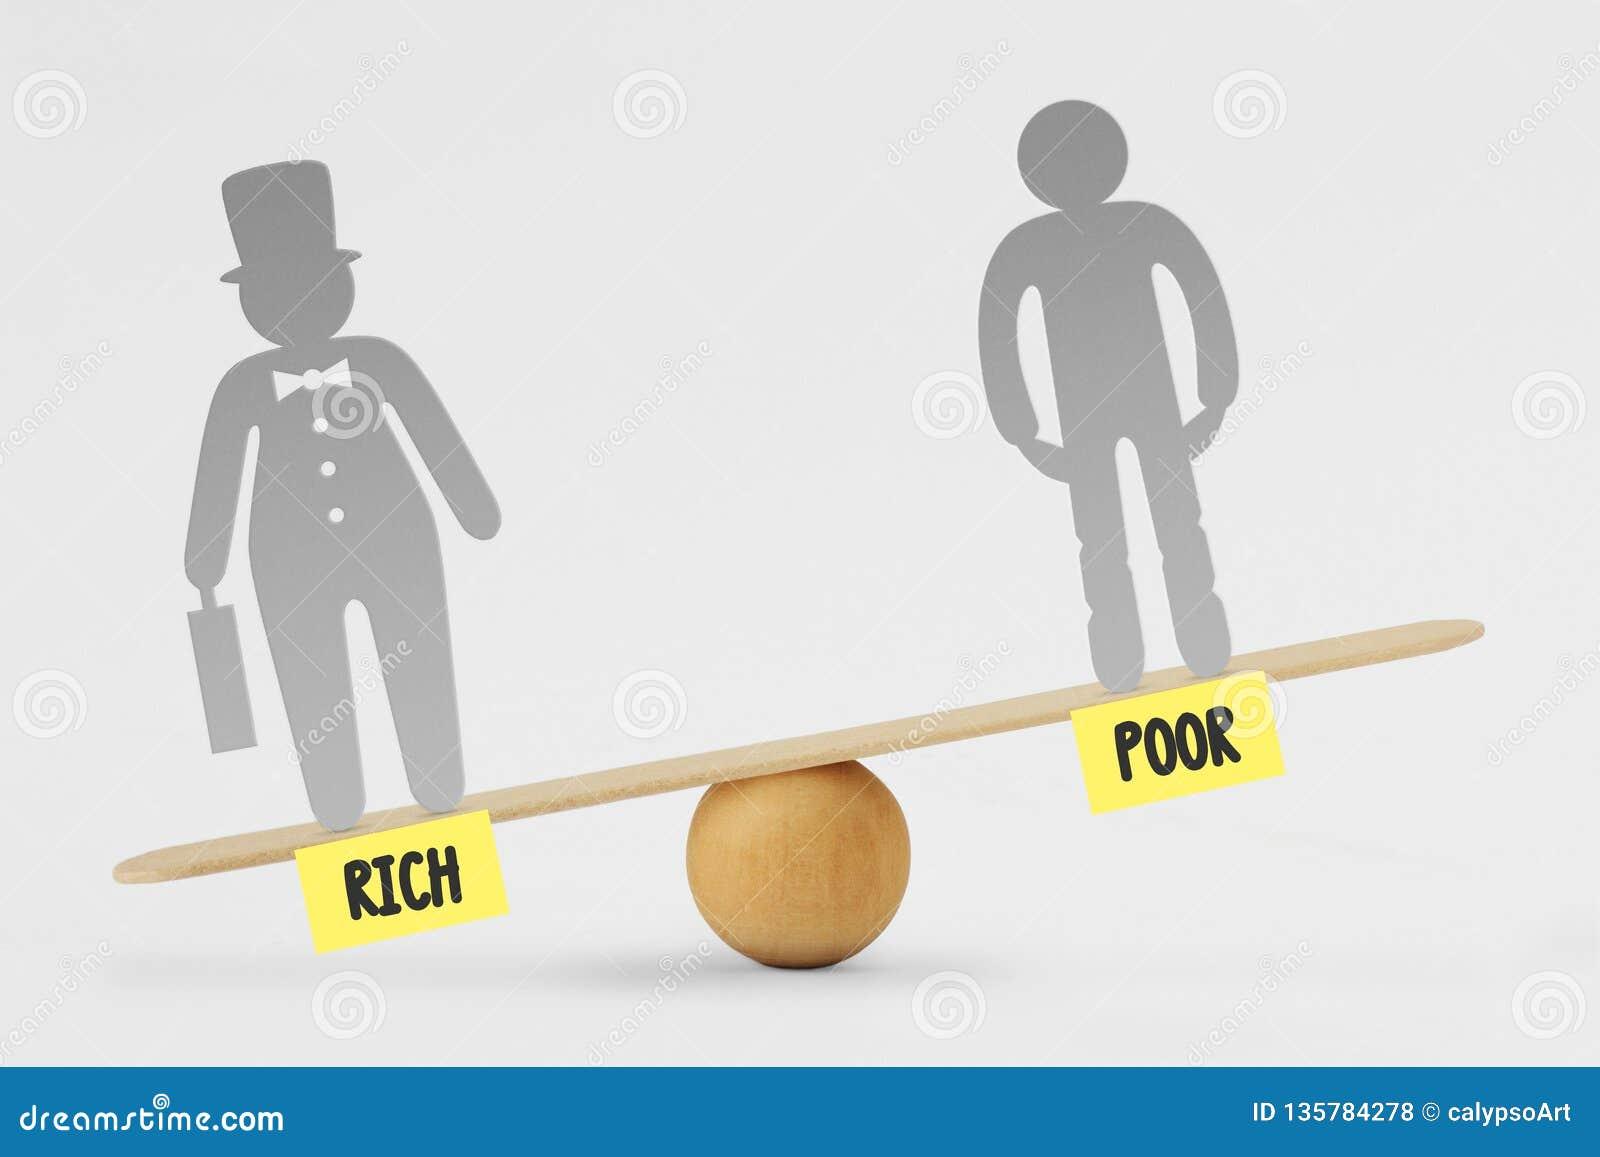 Gente pobre y rica en la escala de la balanza - concepto de desigualdad social entre los ricos y la gente pobre